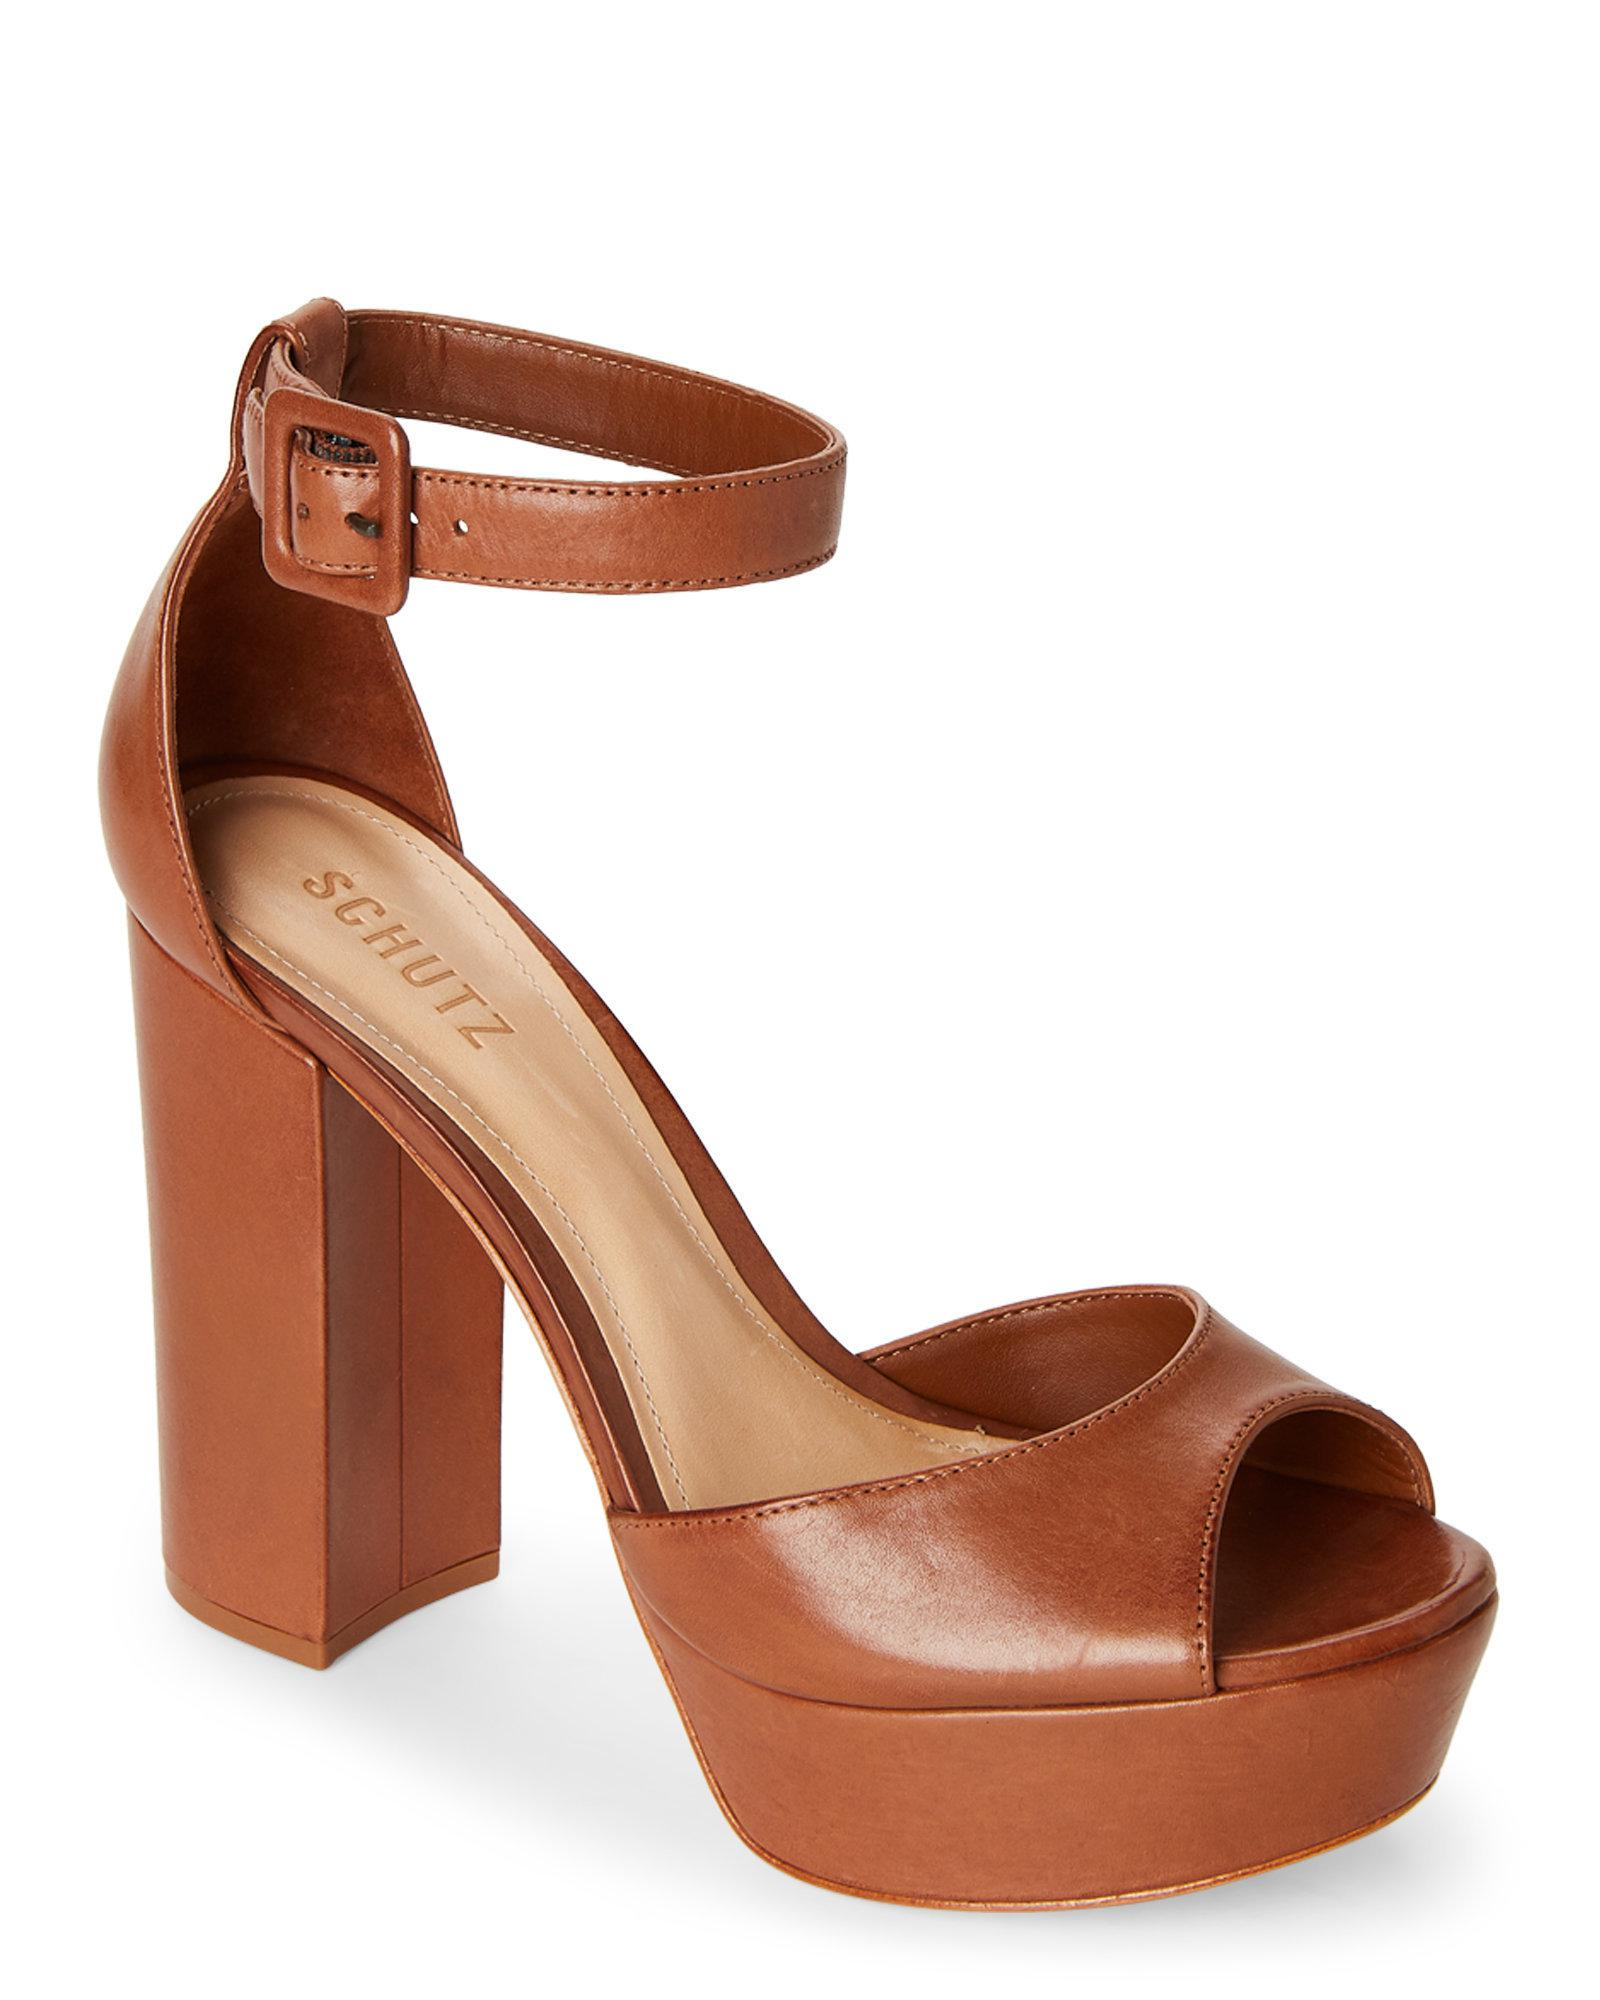 044656cbfe15 Lyst - Schutz Saddle Mikella Block Heel Platform Sandals in Brown